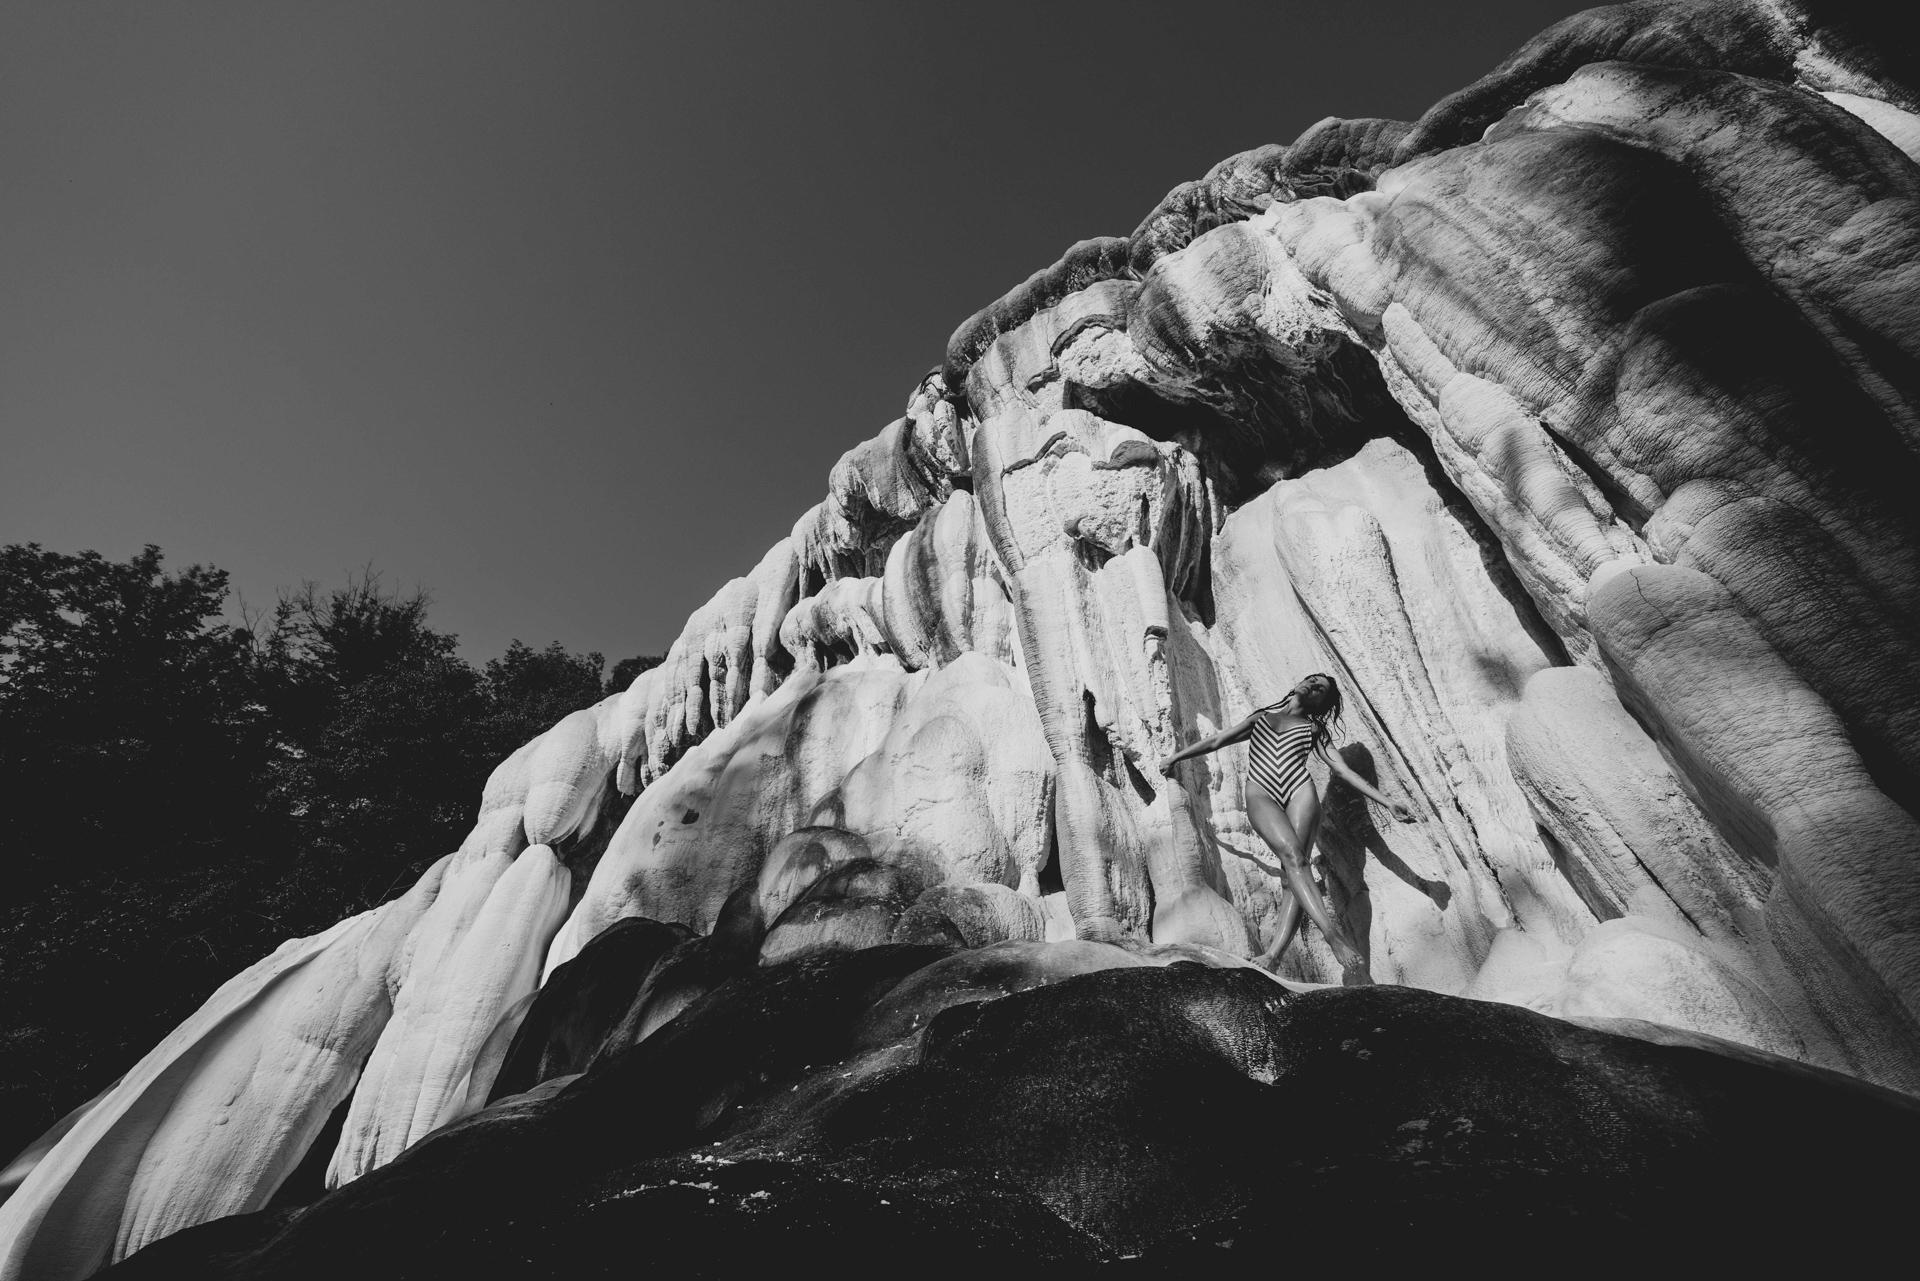 Bagni San Filippo  PHOTO: MIRKO FIN • Sonly Sony a7R III • 12-24mm Ƒ/4 @ 16mm • Ƒ/6.3 • 1/1000 • ISO 320